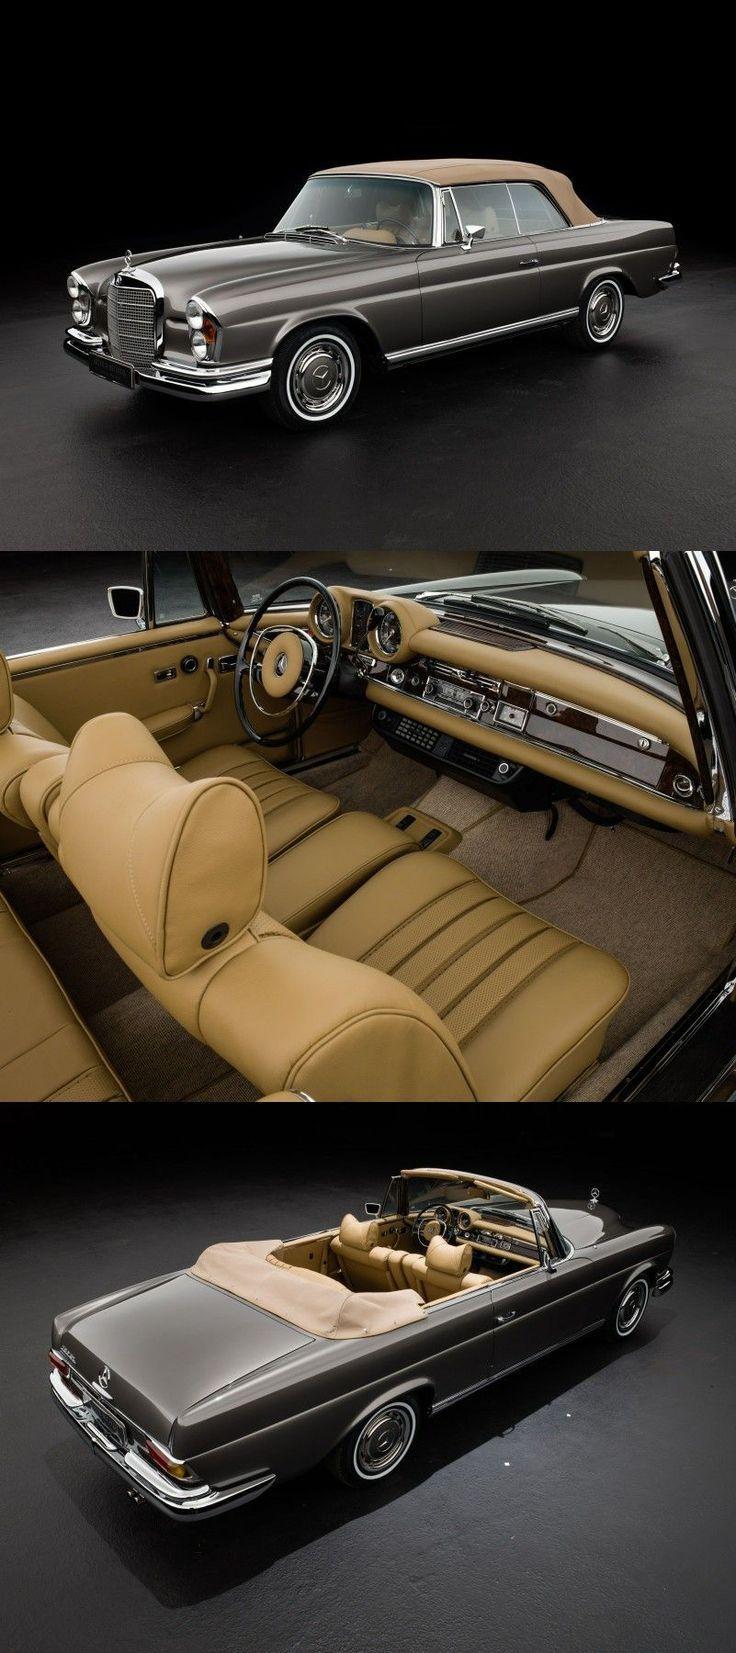 1969 Mercedes Benz 280 SE 3.5 V8 Cabriolet